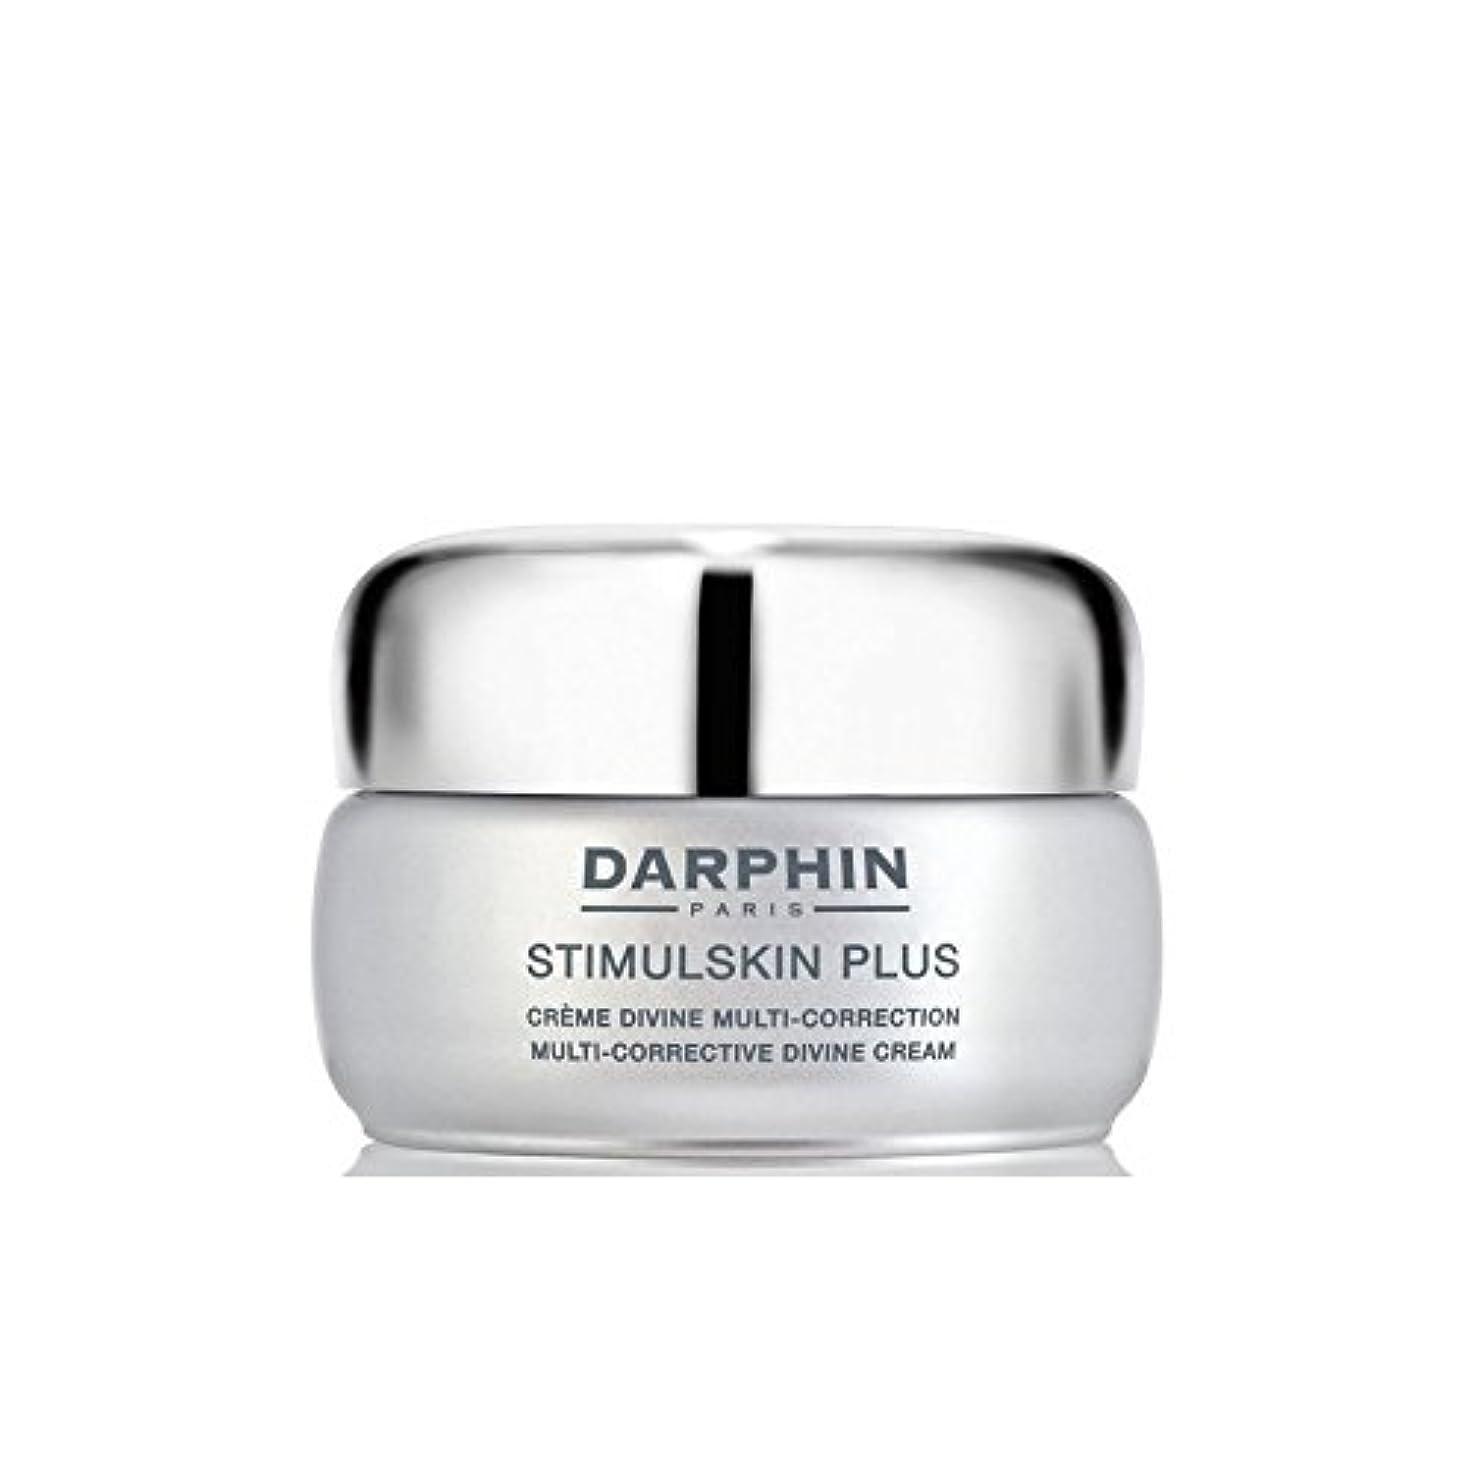 ピアノを弾く蒸留意気込みDarphin Stimulskin Plus Multi-Corrective Divine Cream (Pack of 6) - ダルファンスティプラスマルチ是正神のクリーム x6 [並行輸入品]